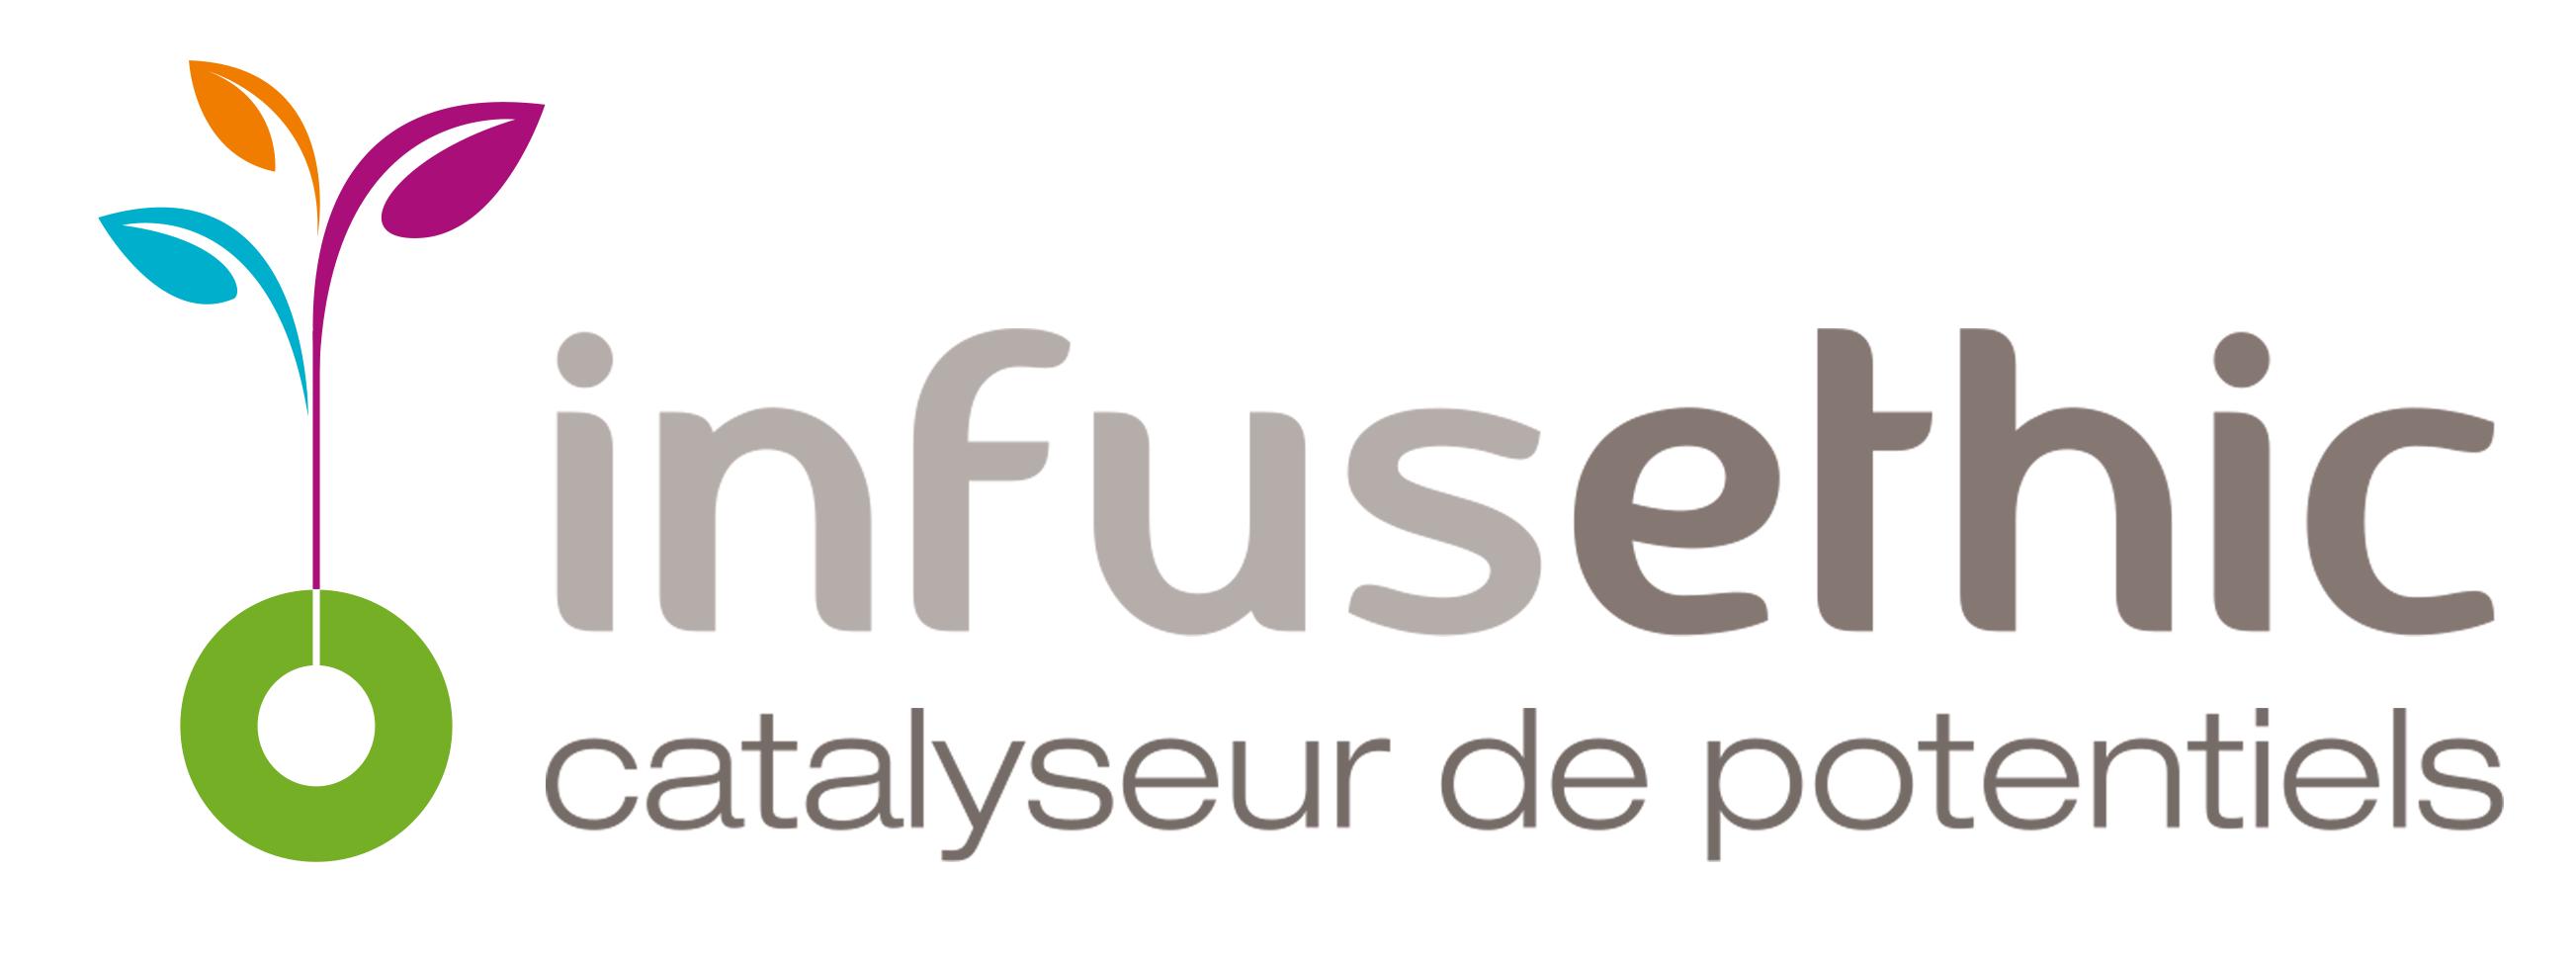 Logo Infusethic catalyseur de potentiels conseil en stratégie